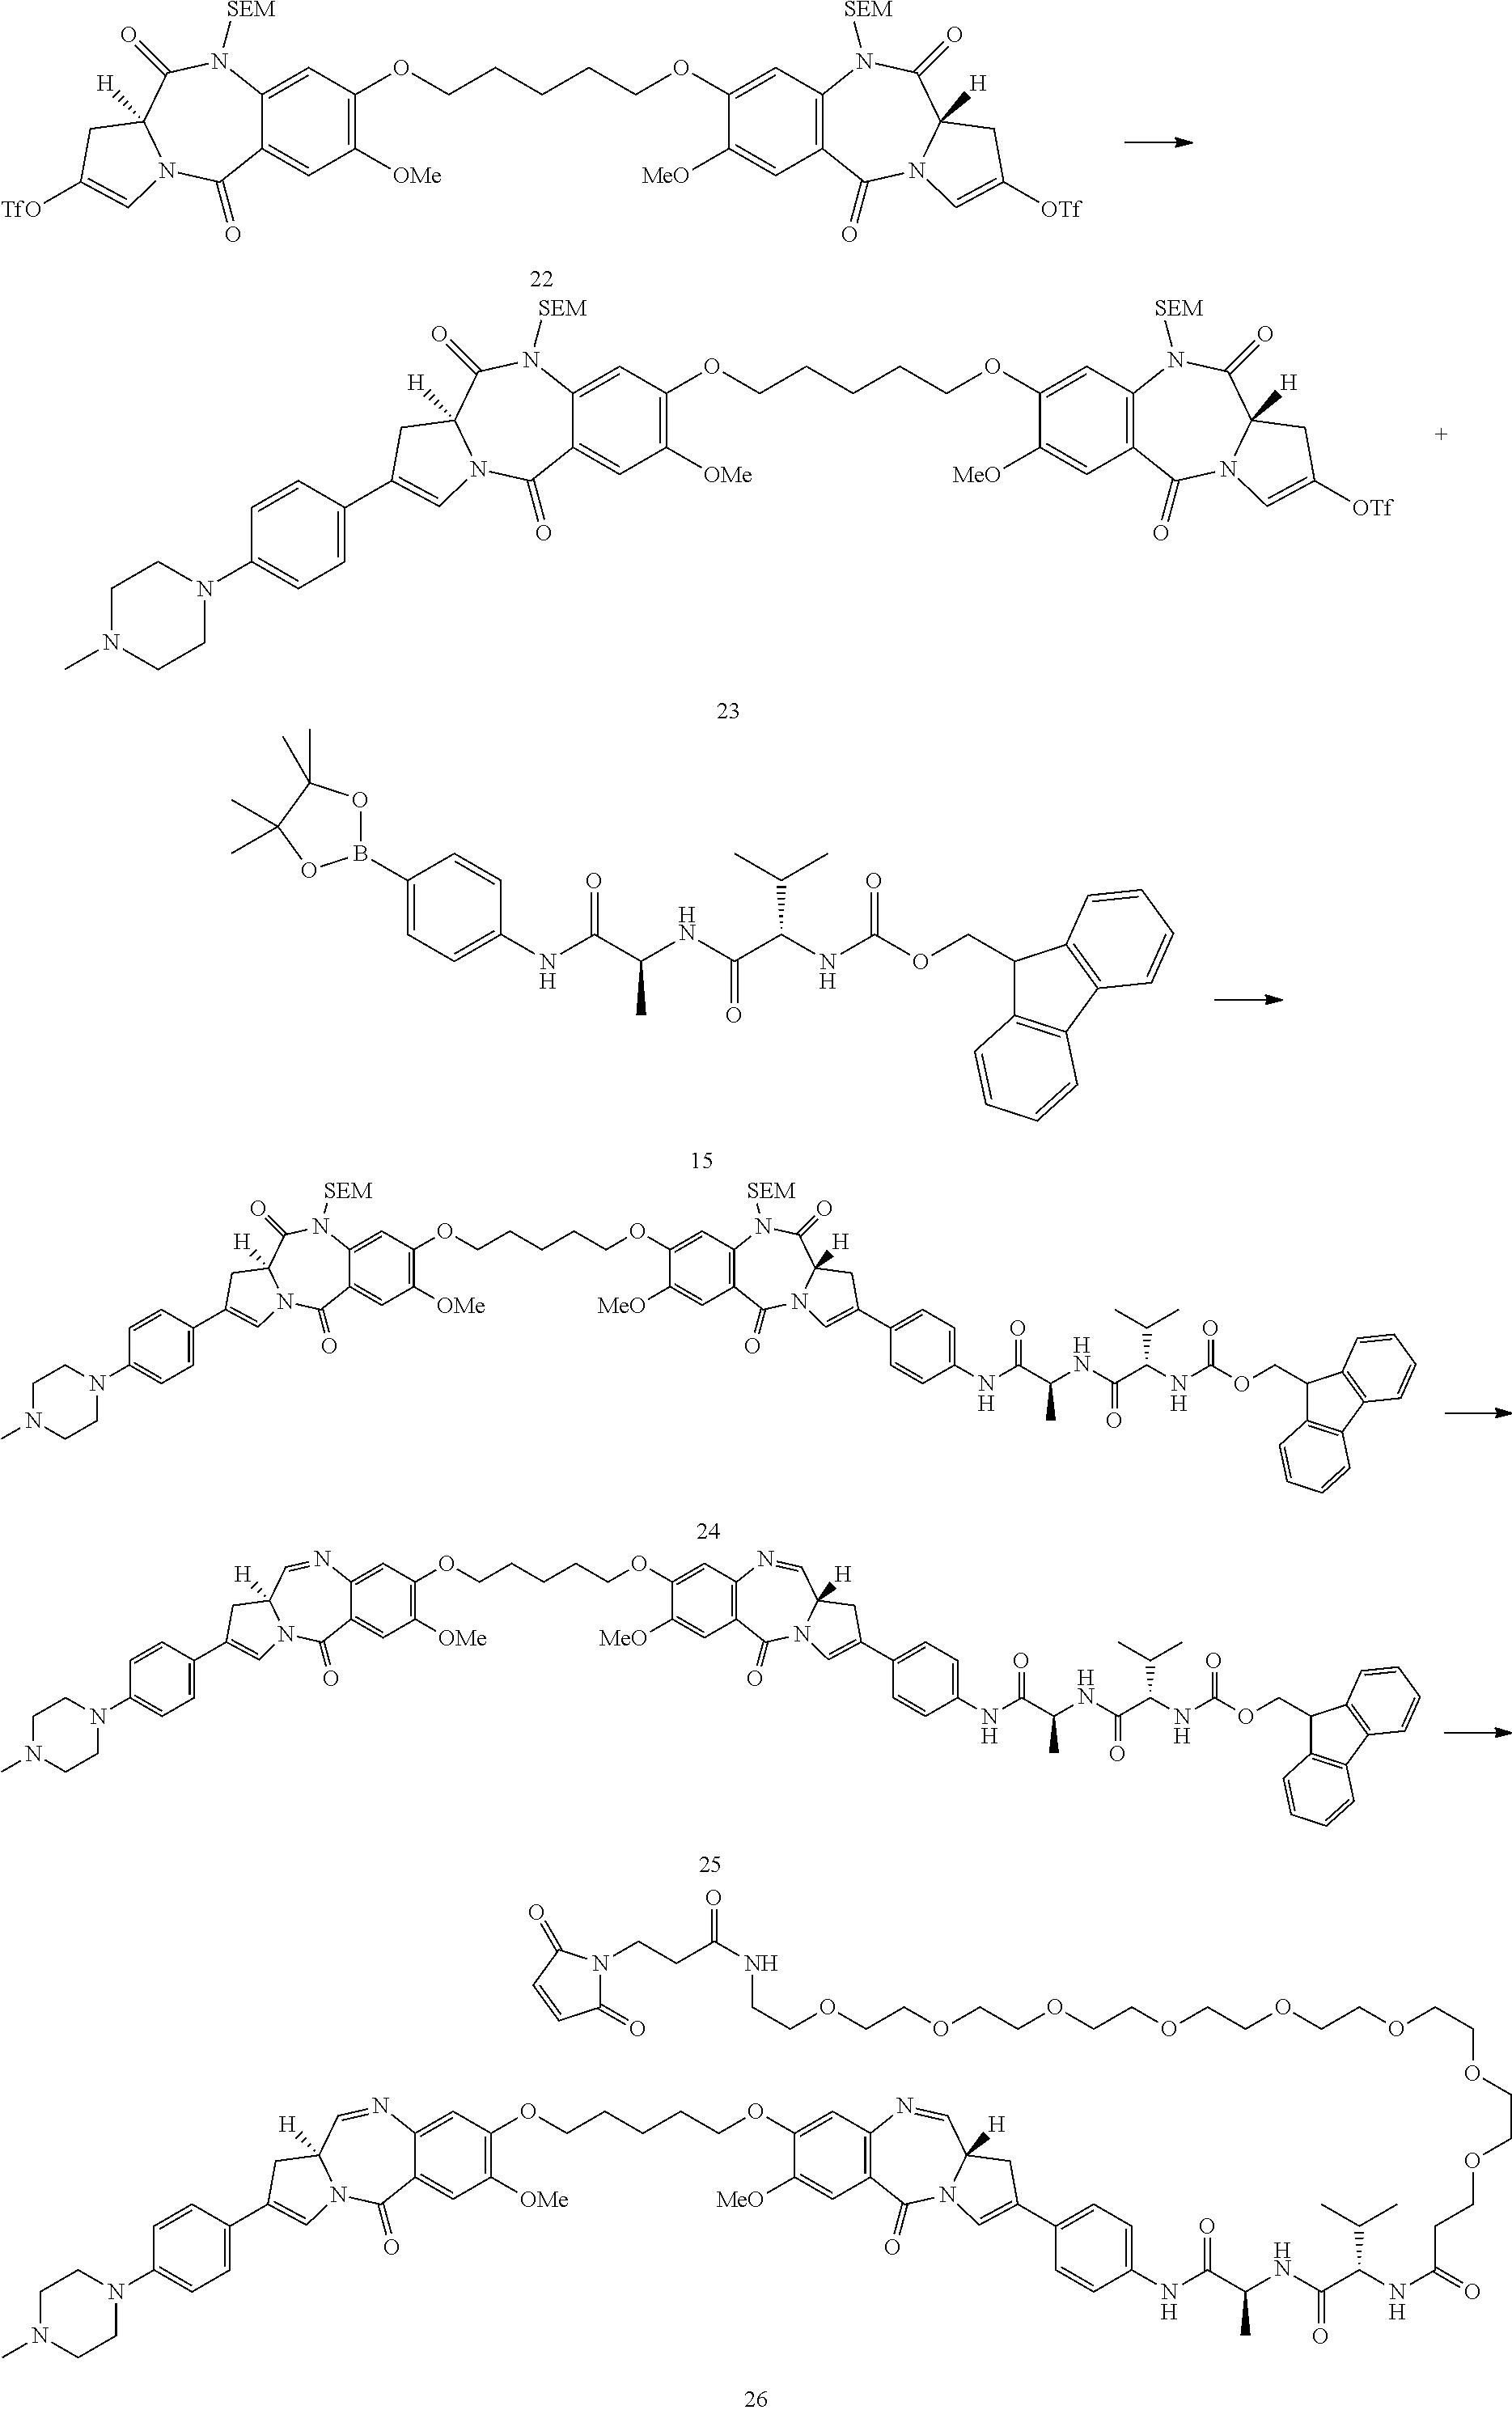 Figure US09956299-20180501-C00020